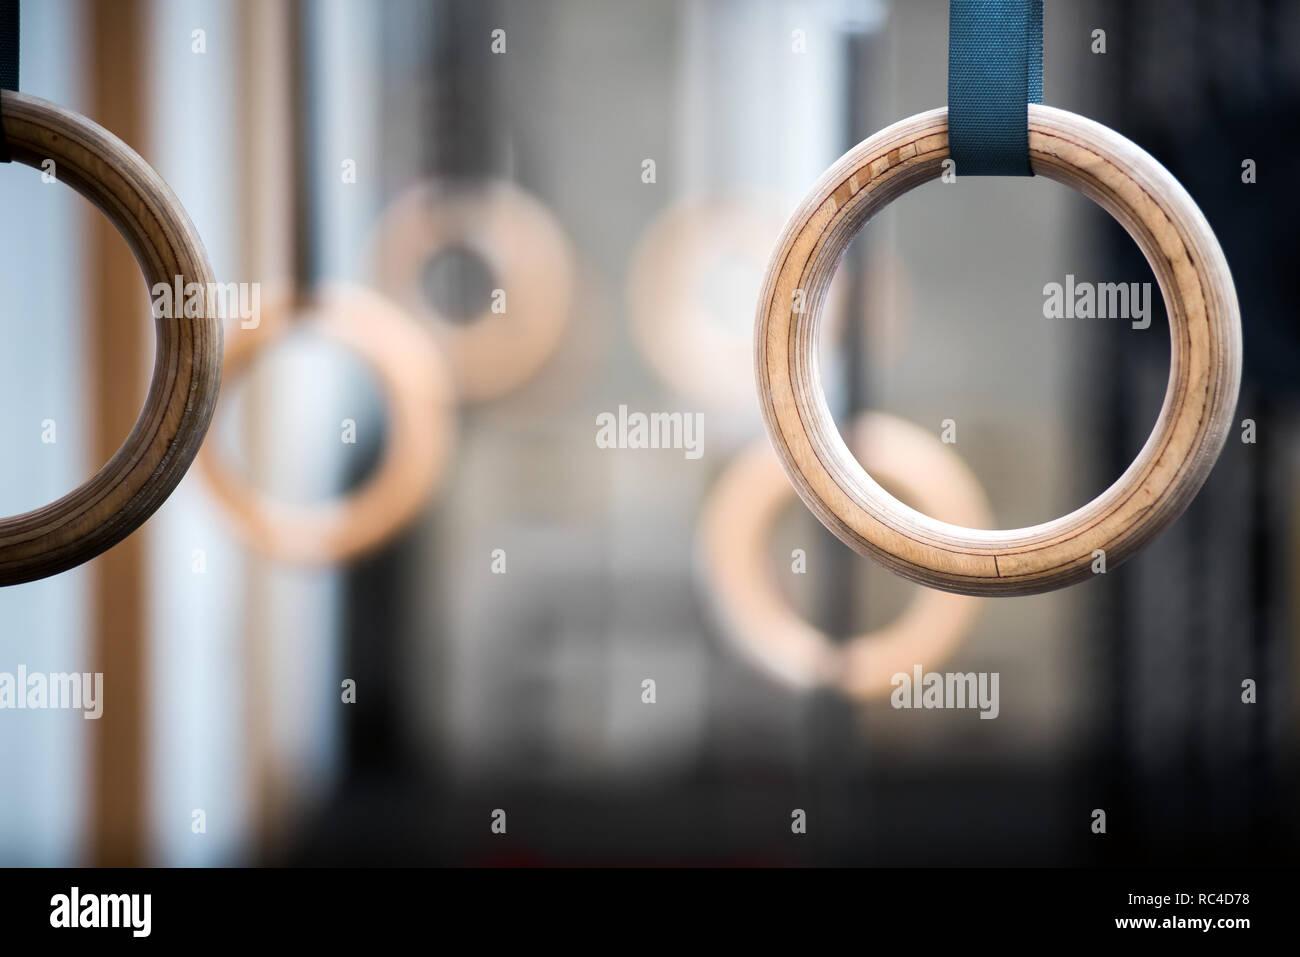 Anillos de deporte en el gimnasio de madera, visto de cerca con el enfoque selectivo. Par de anillos es borrosa en el fondo. Concepto de equipo de gimnasia Imagen De Stock